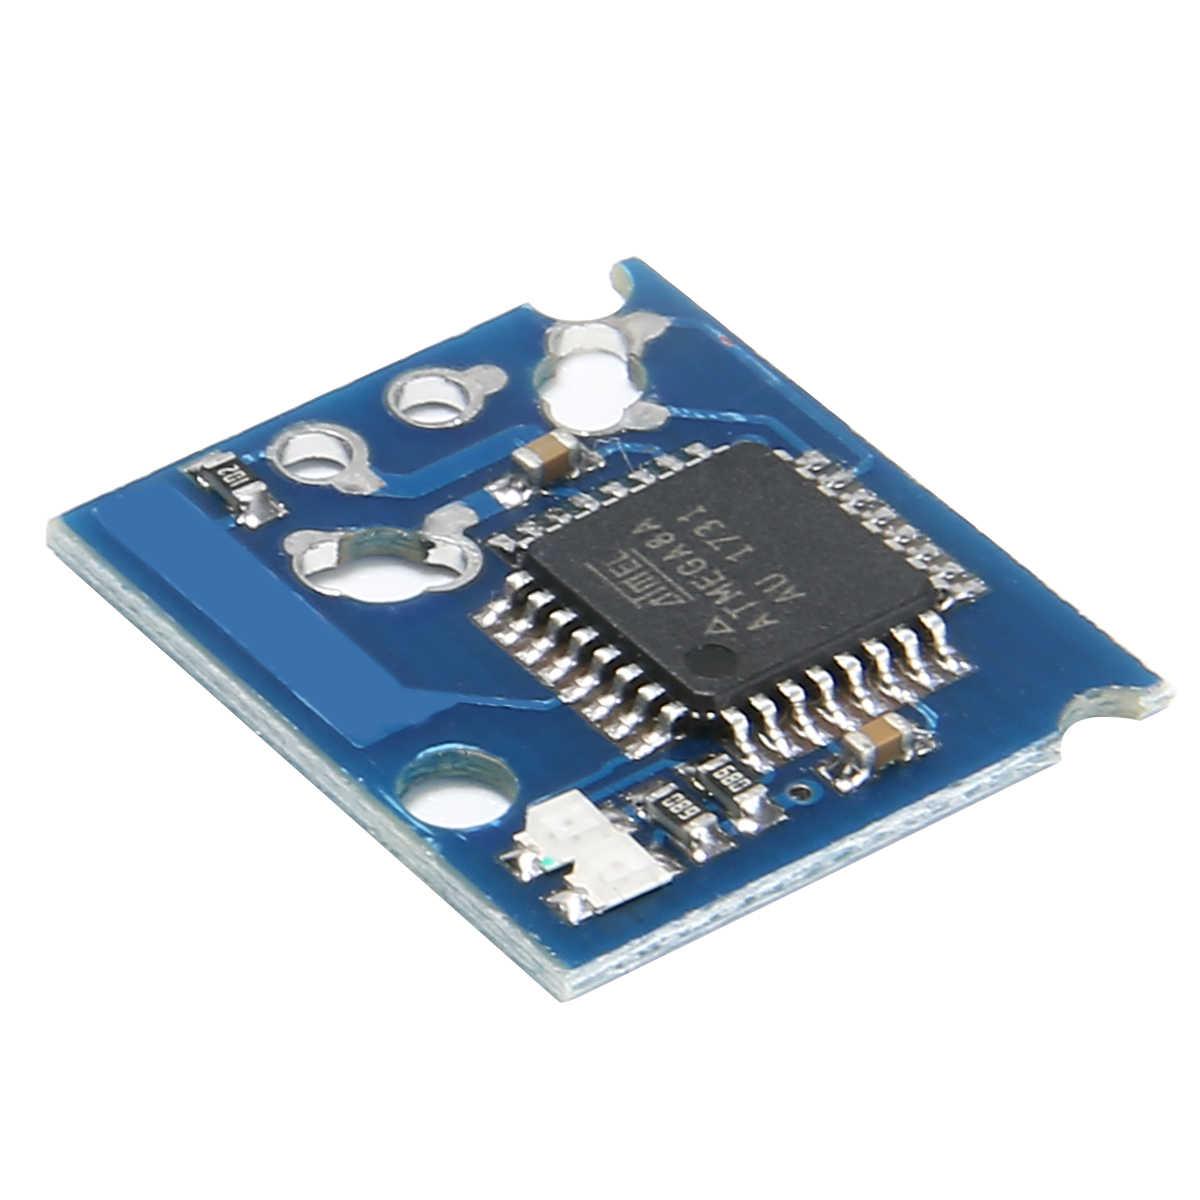 GC-Direktlesechip NGC für XENO Mod Gamecube Chip GutRSWG